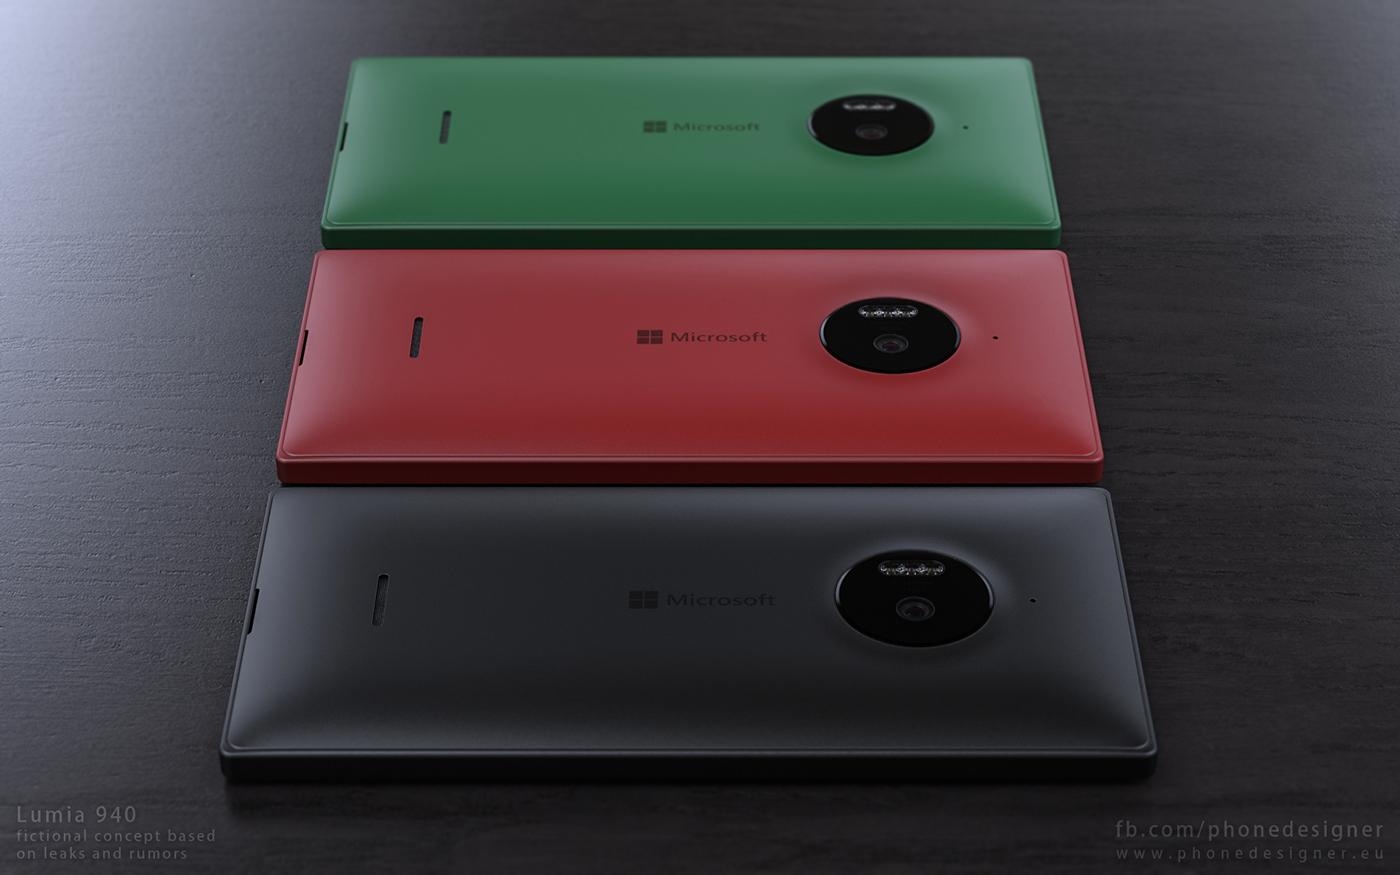 Lumia 940 Concept 12